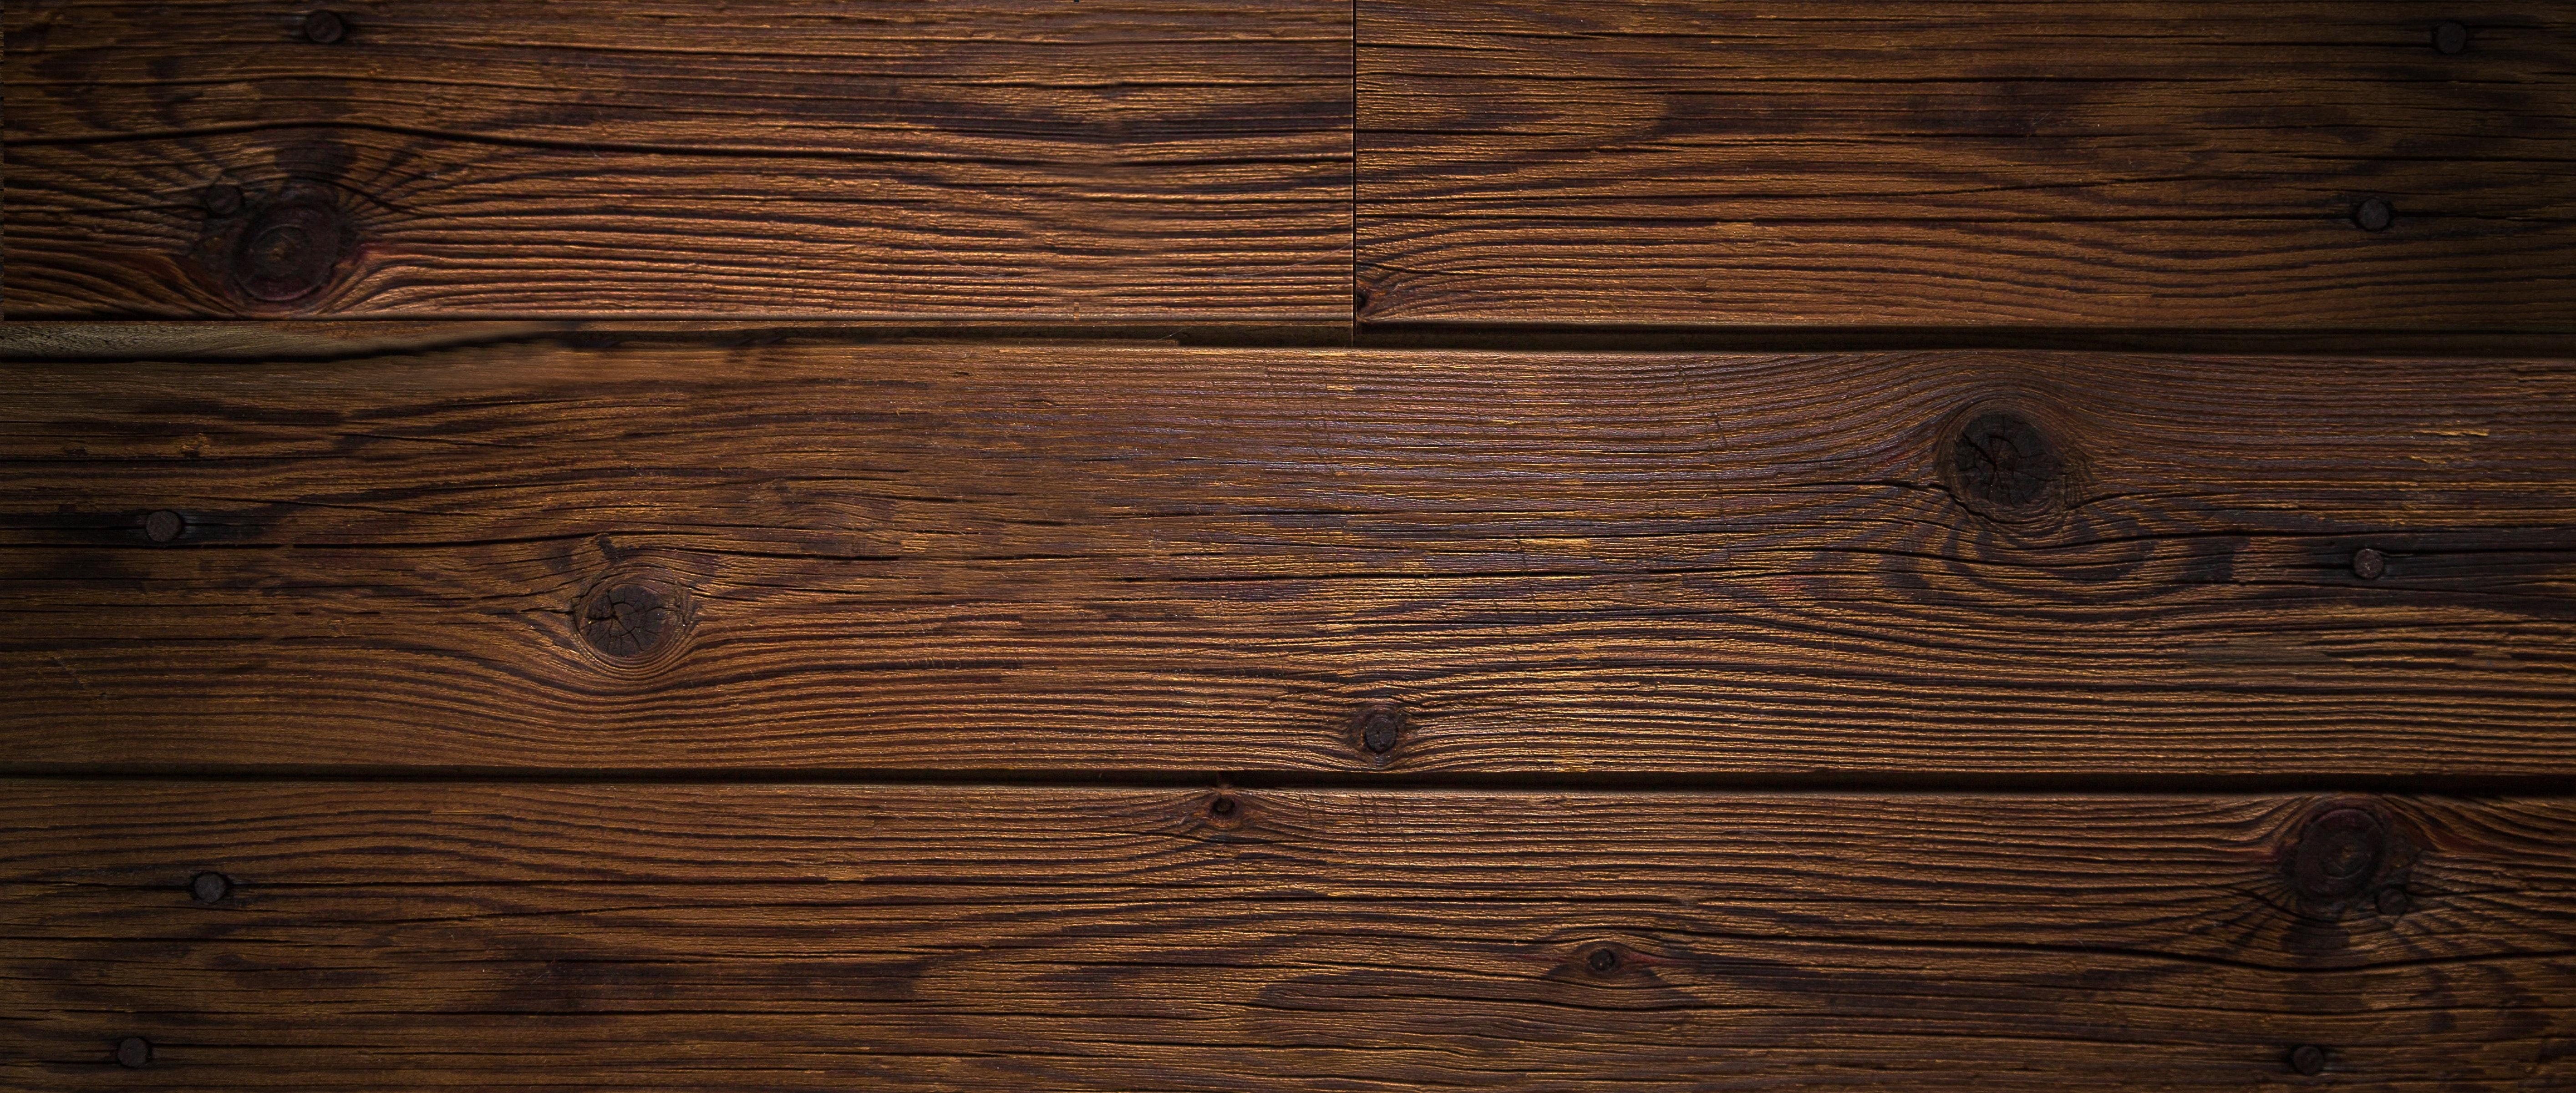 Scrapwood Wallpaper - Pinpina